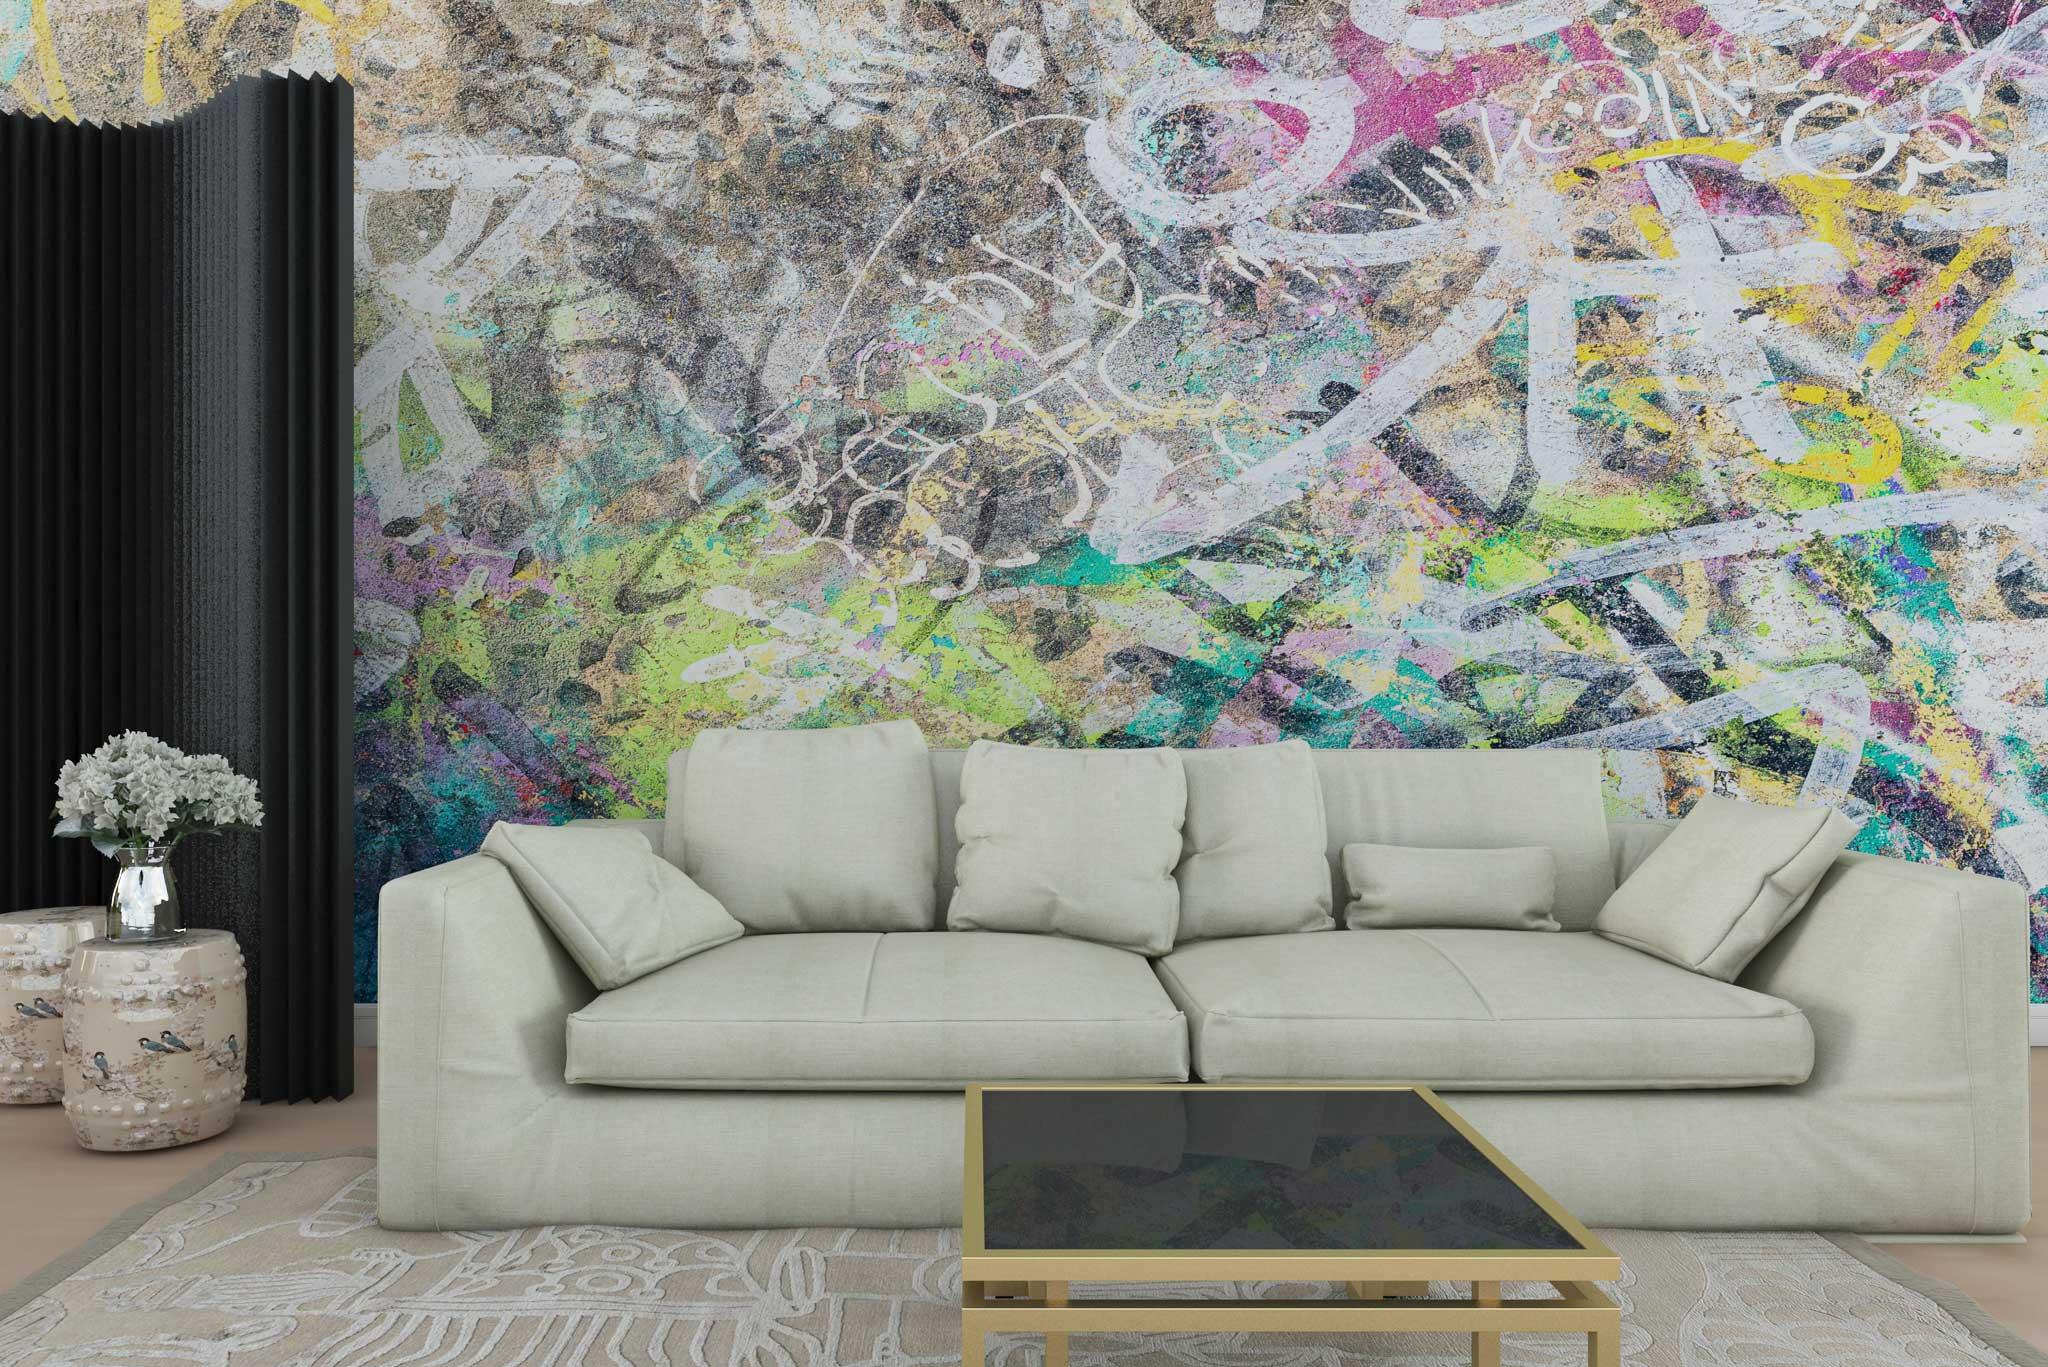 tapet-fototapet-personalizat-comanda-bucuresti-pictura-abstracta-graffitti-pastel-multicolor-perete-lux-special